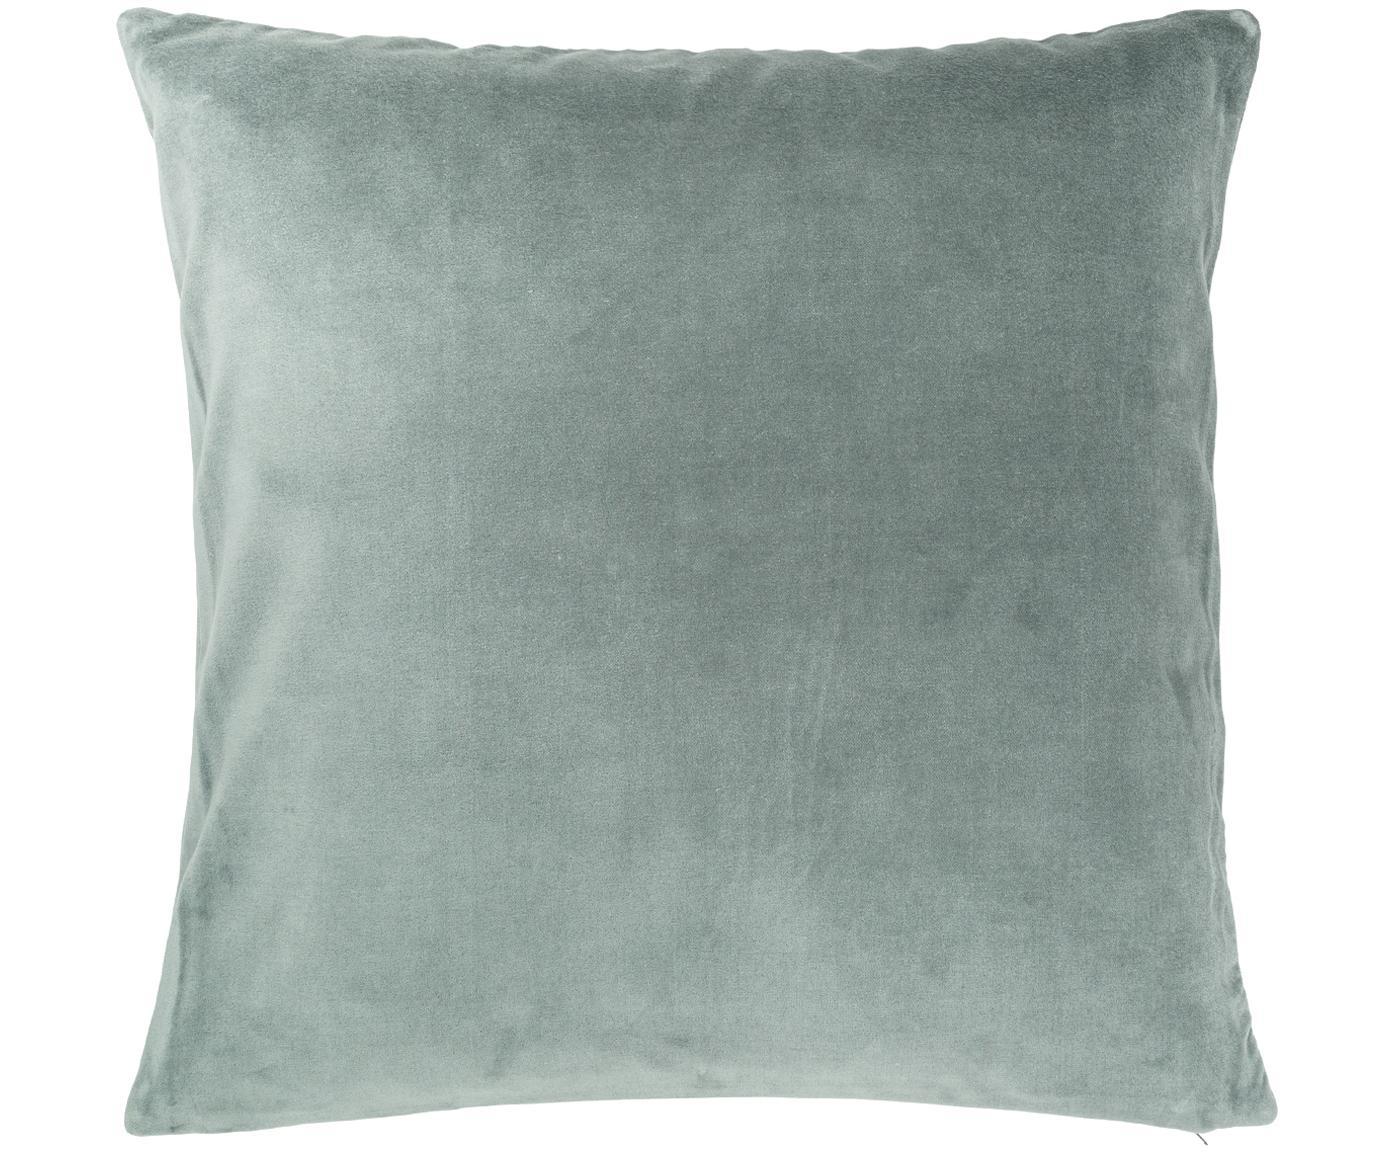 Poszewka na poduszkę z aksamitu Cosima, Szałwiowy zielony, S 50 x D 50 cm